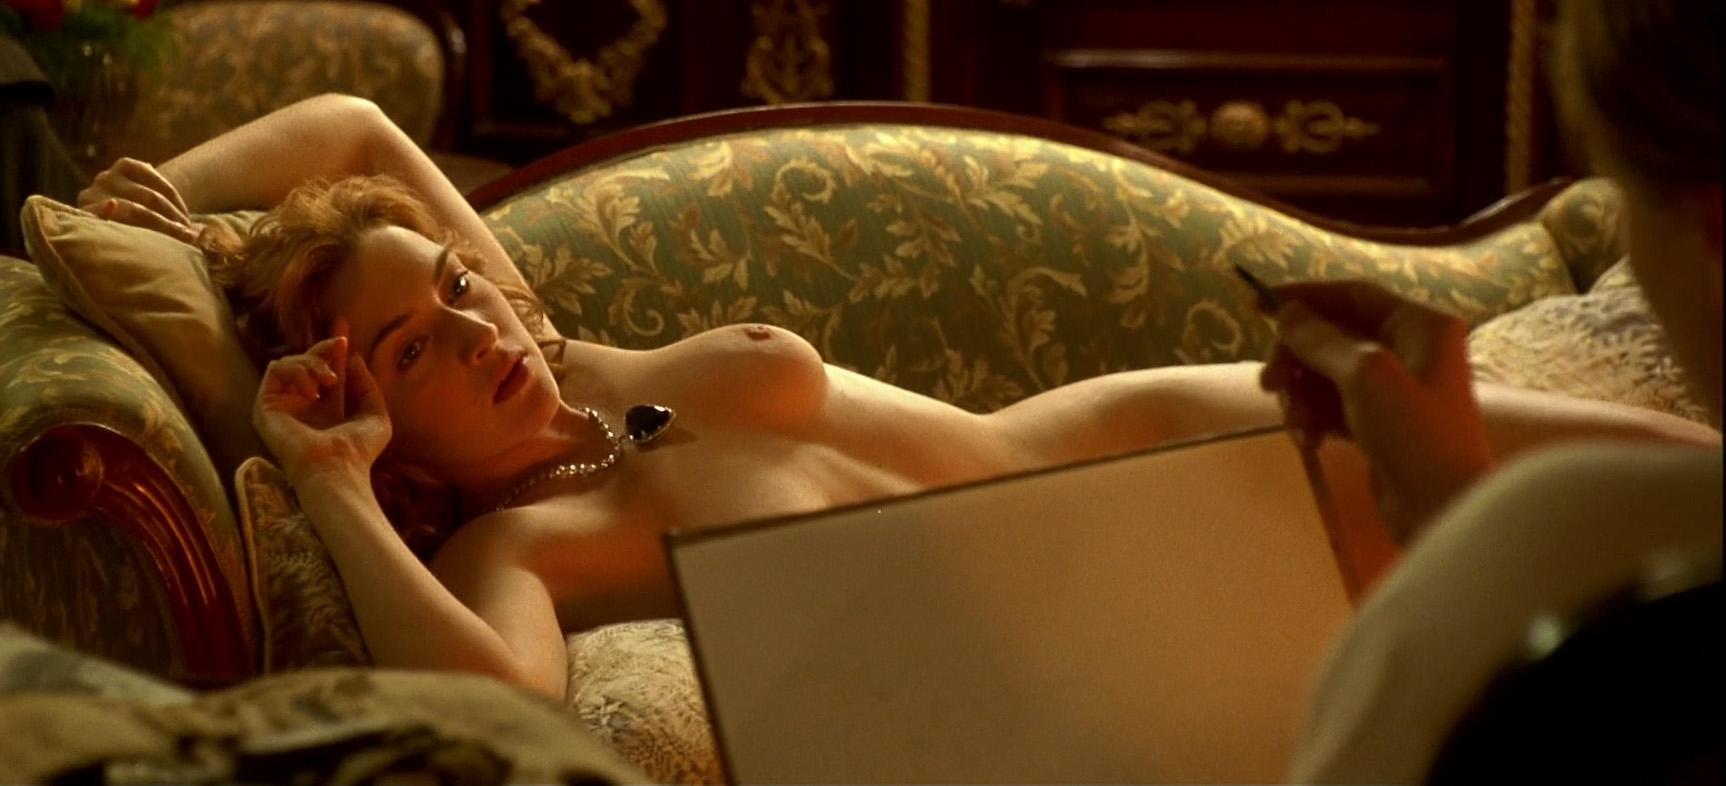 Winslet nude titanic